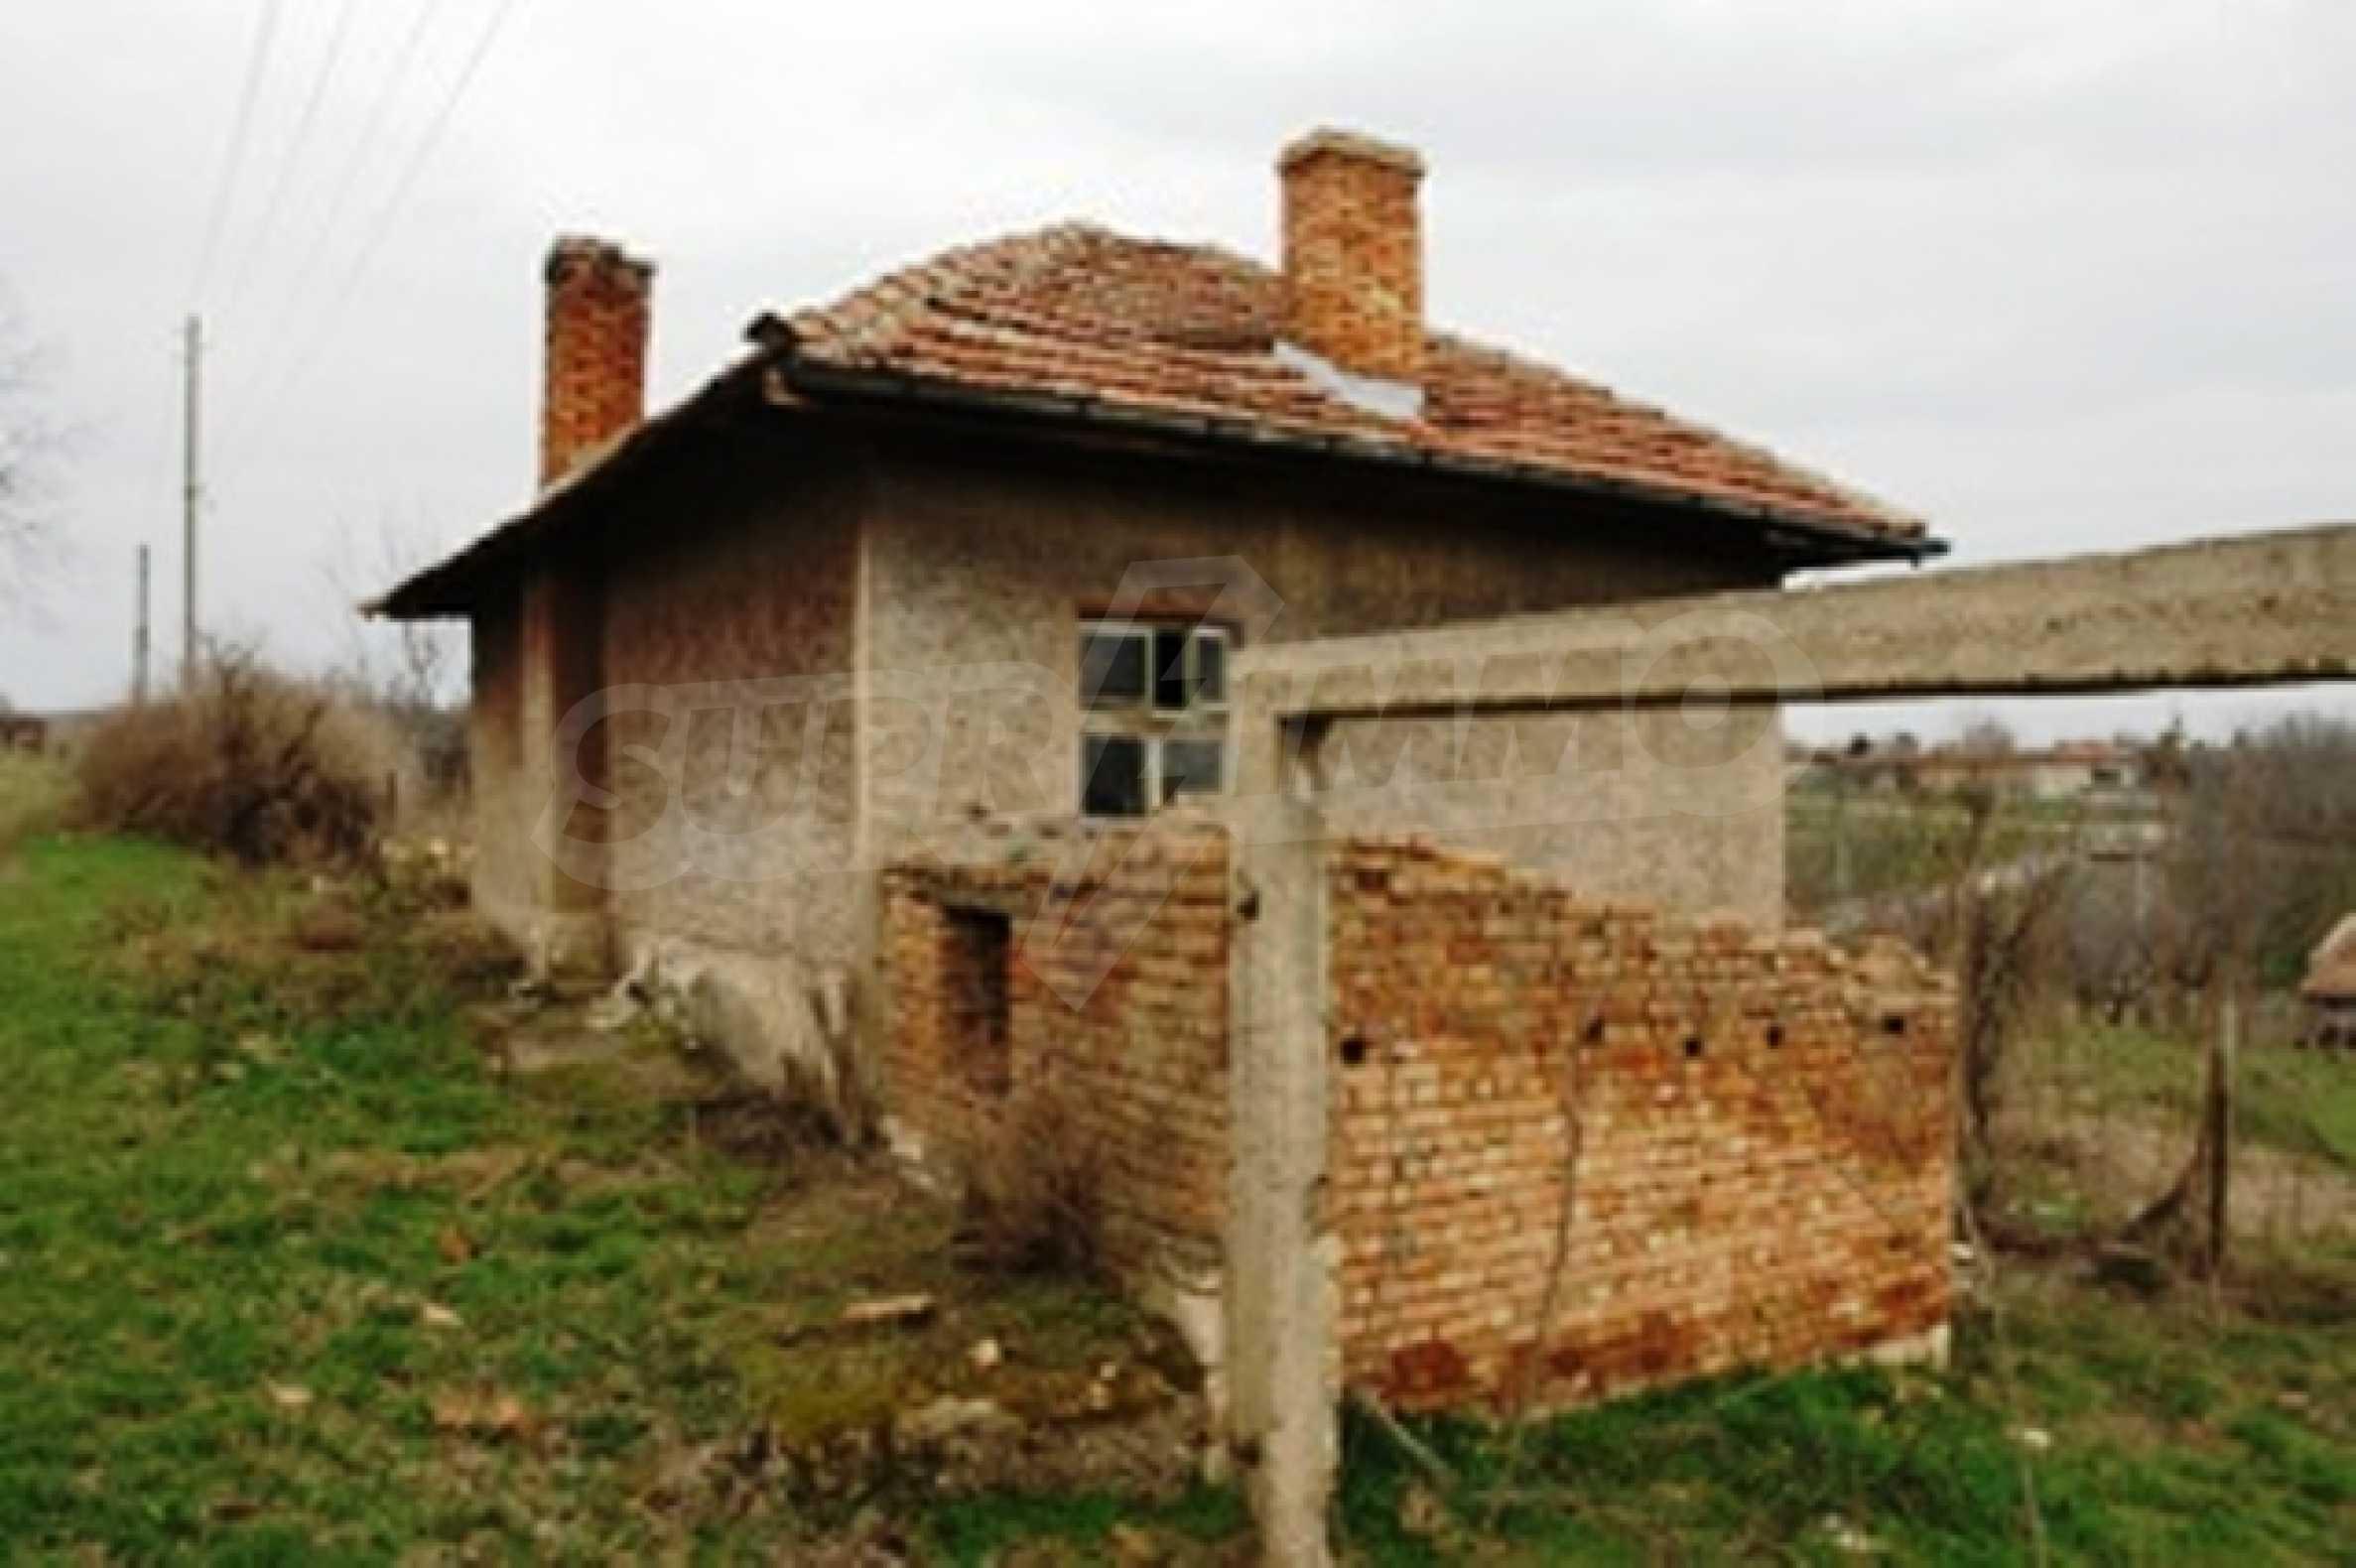 Altes Haus für die totale Reparatur, im Dorf Beltsov gelegen. 2